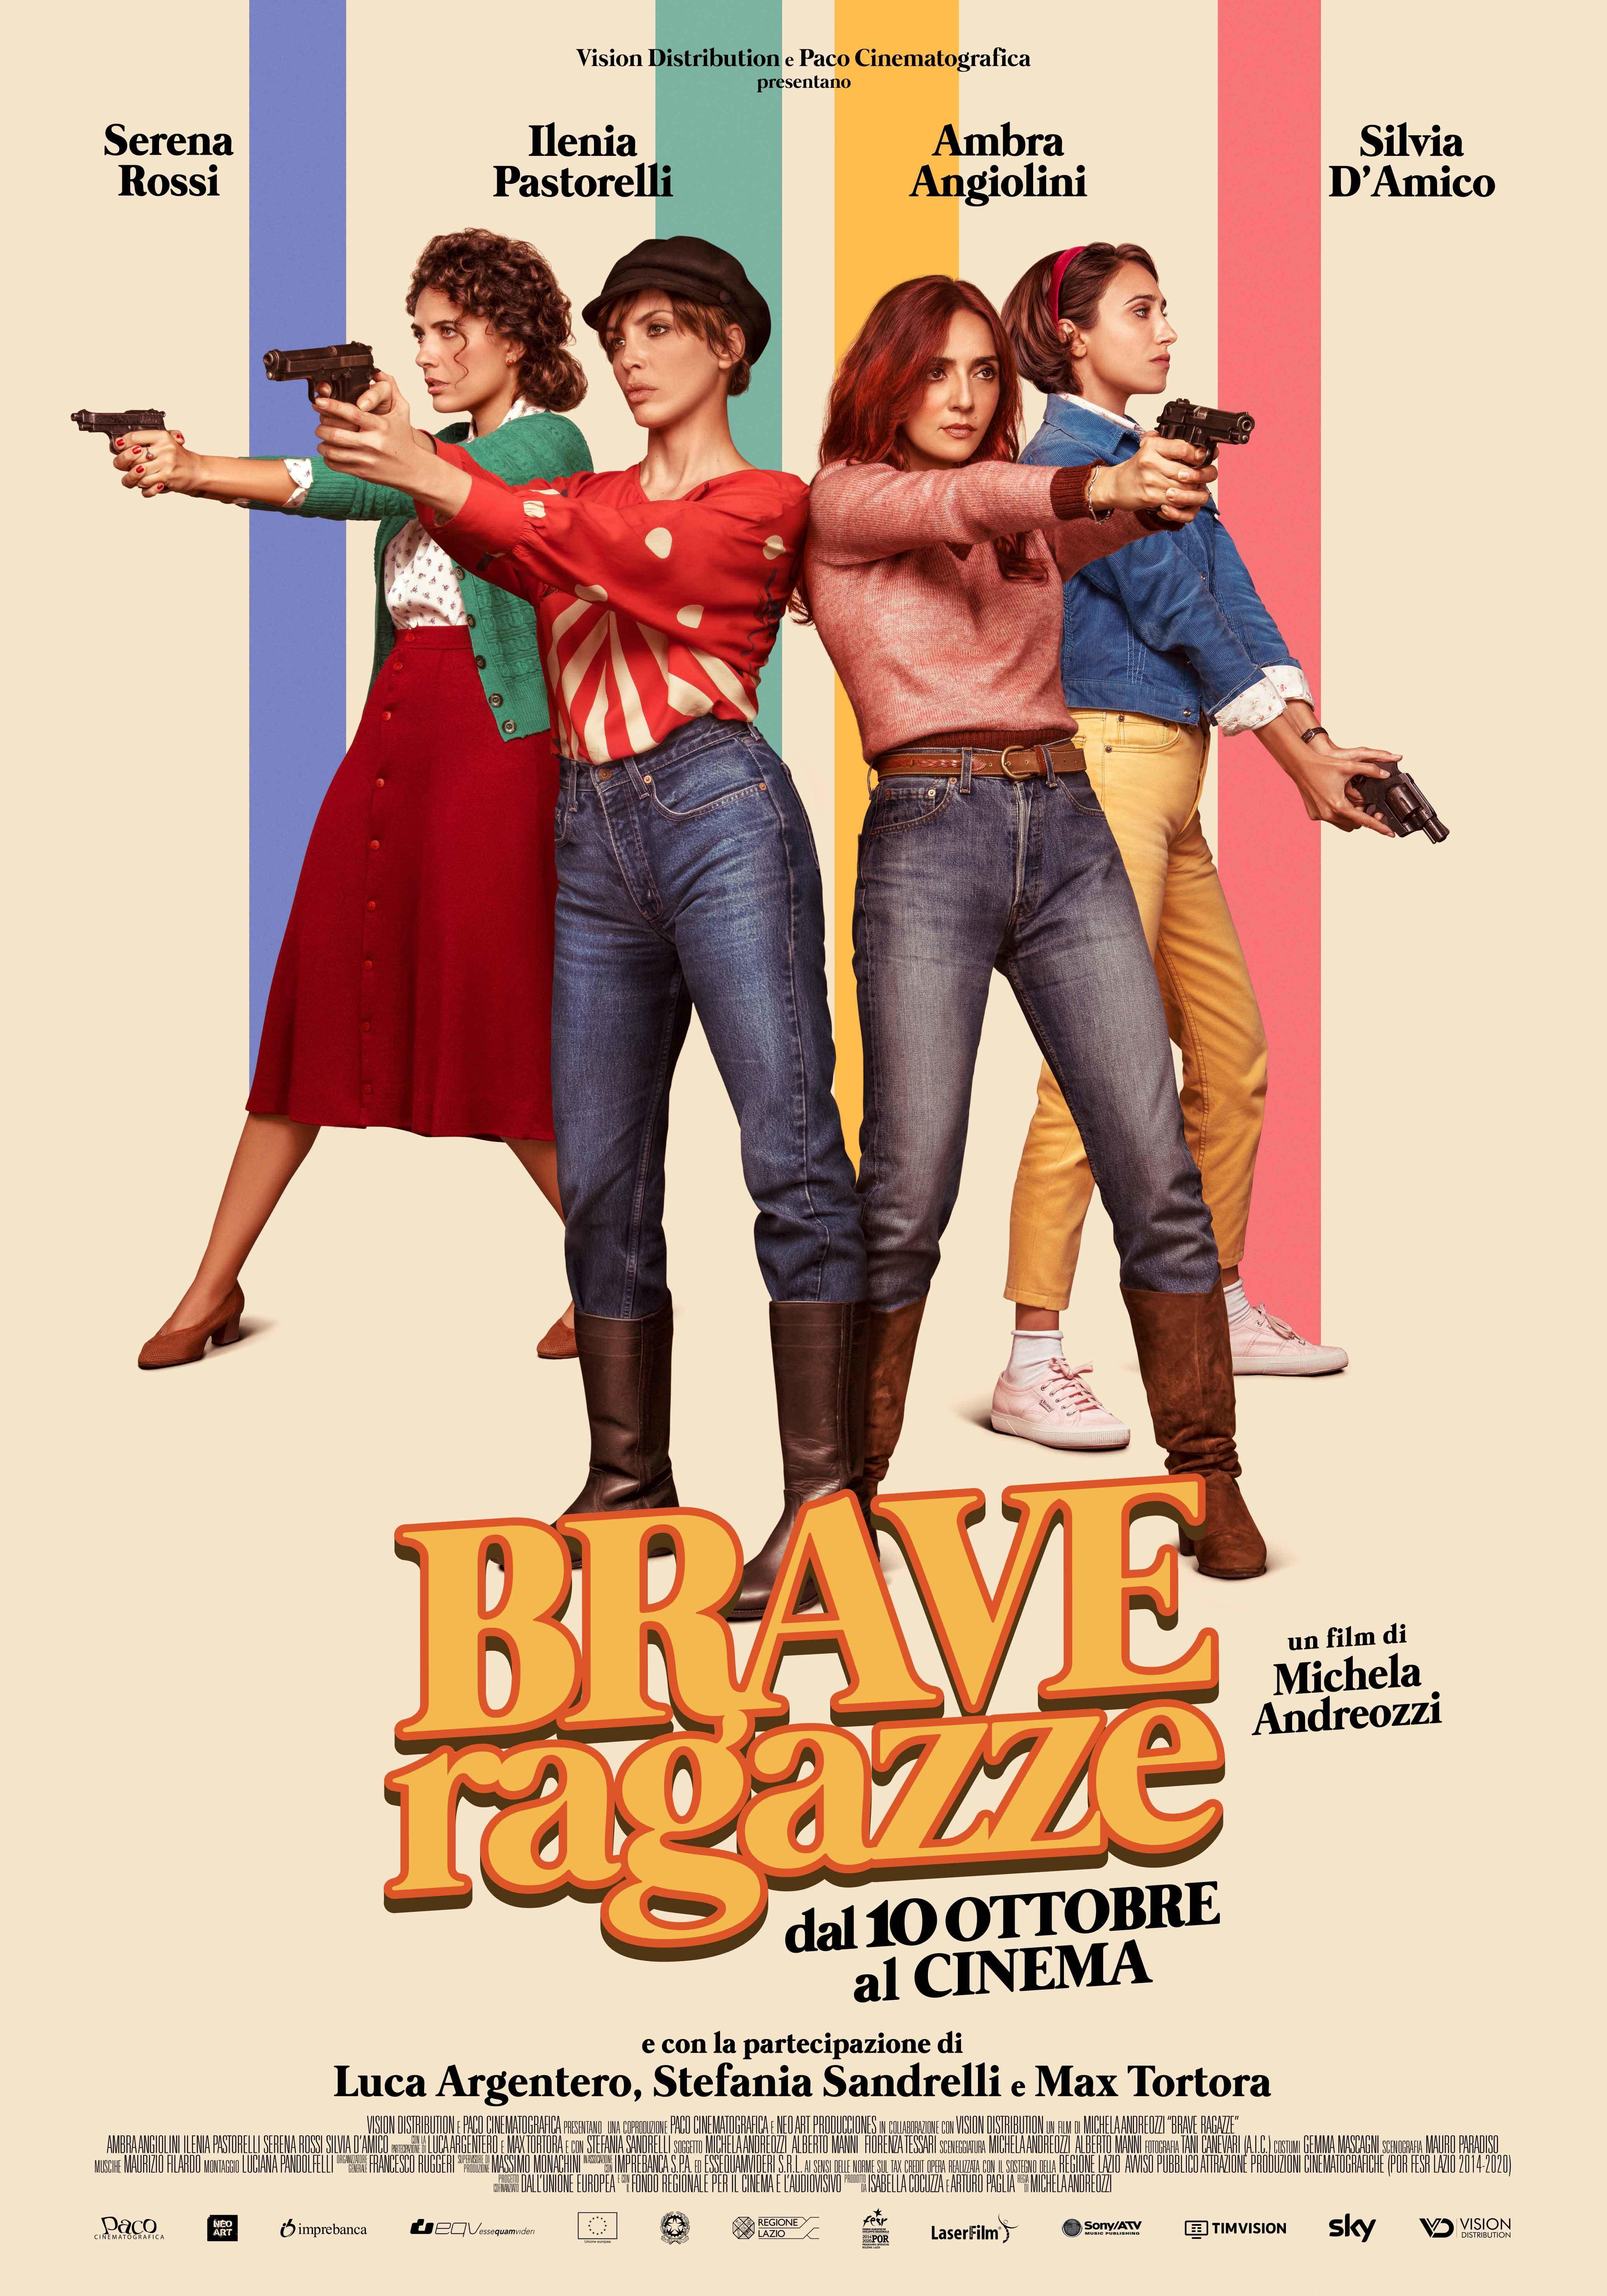 Brave ragazze: il Poster